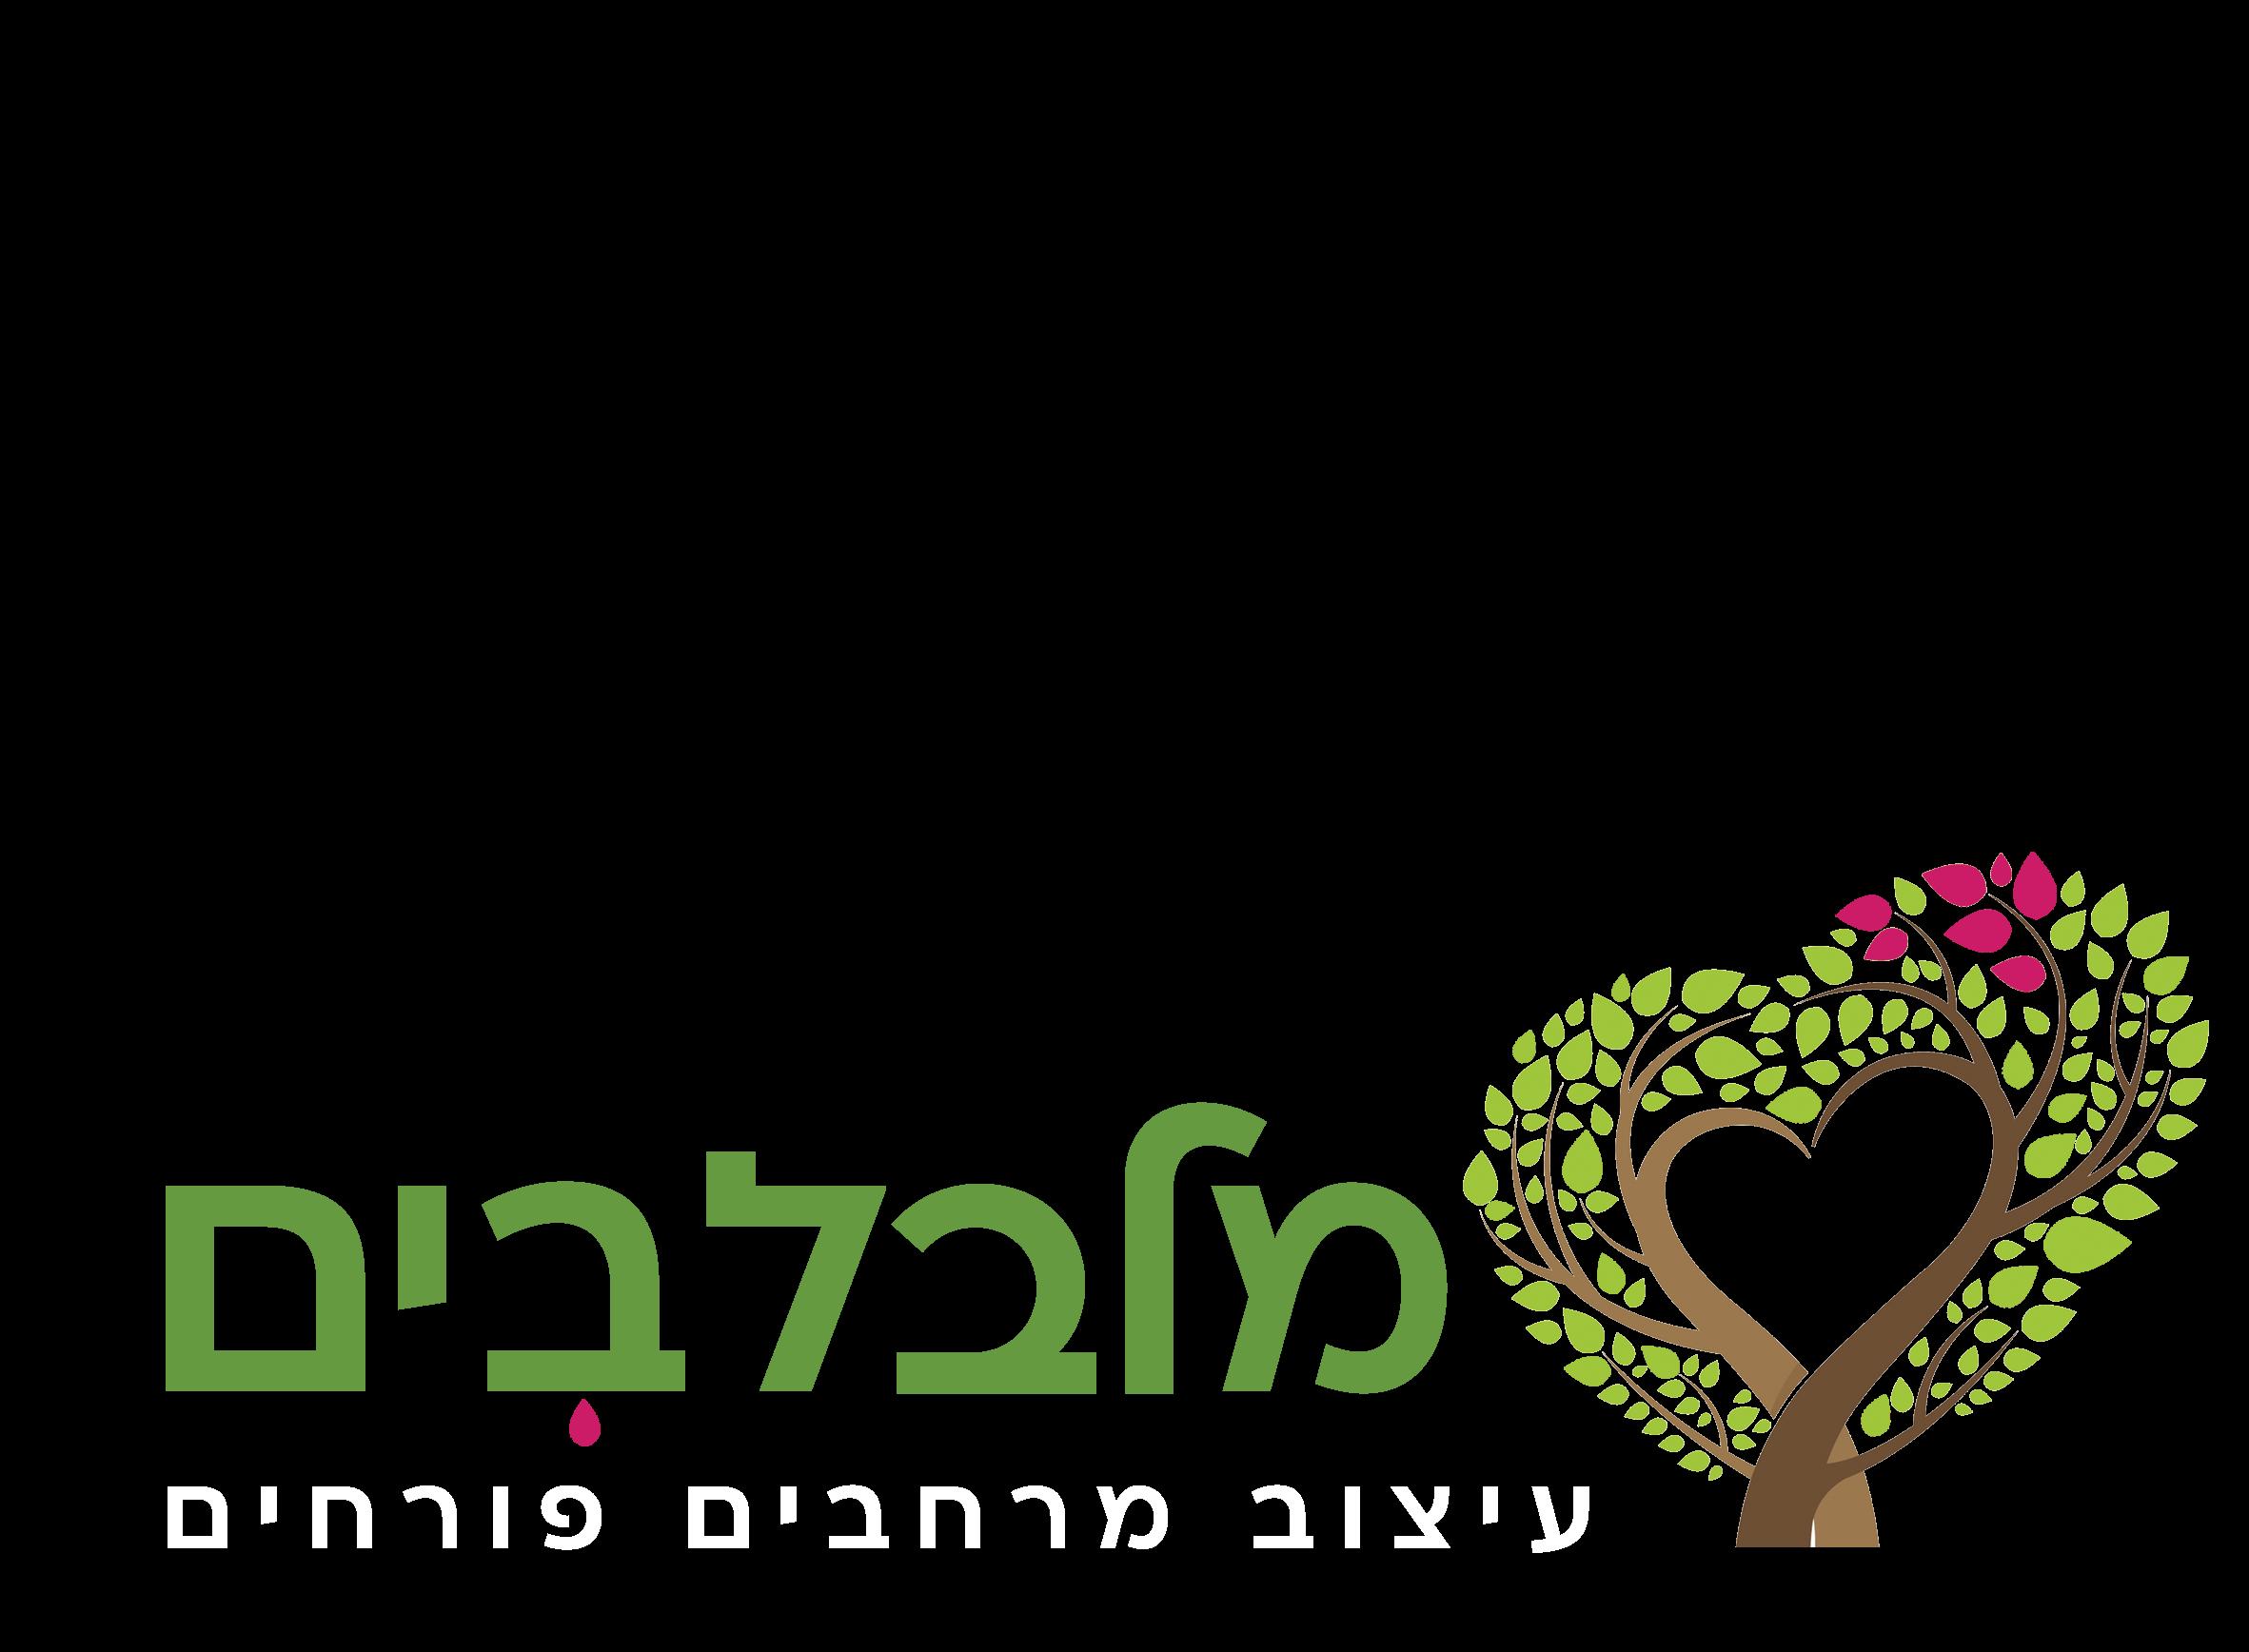 מלבלבים- צמחיה מלאכותית